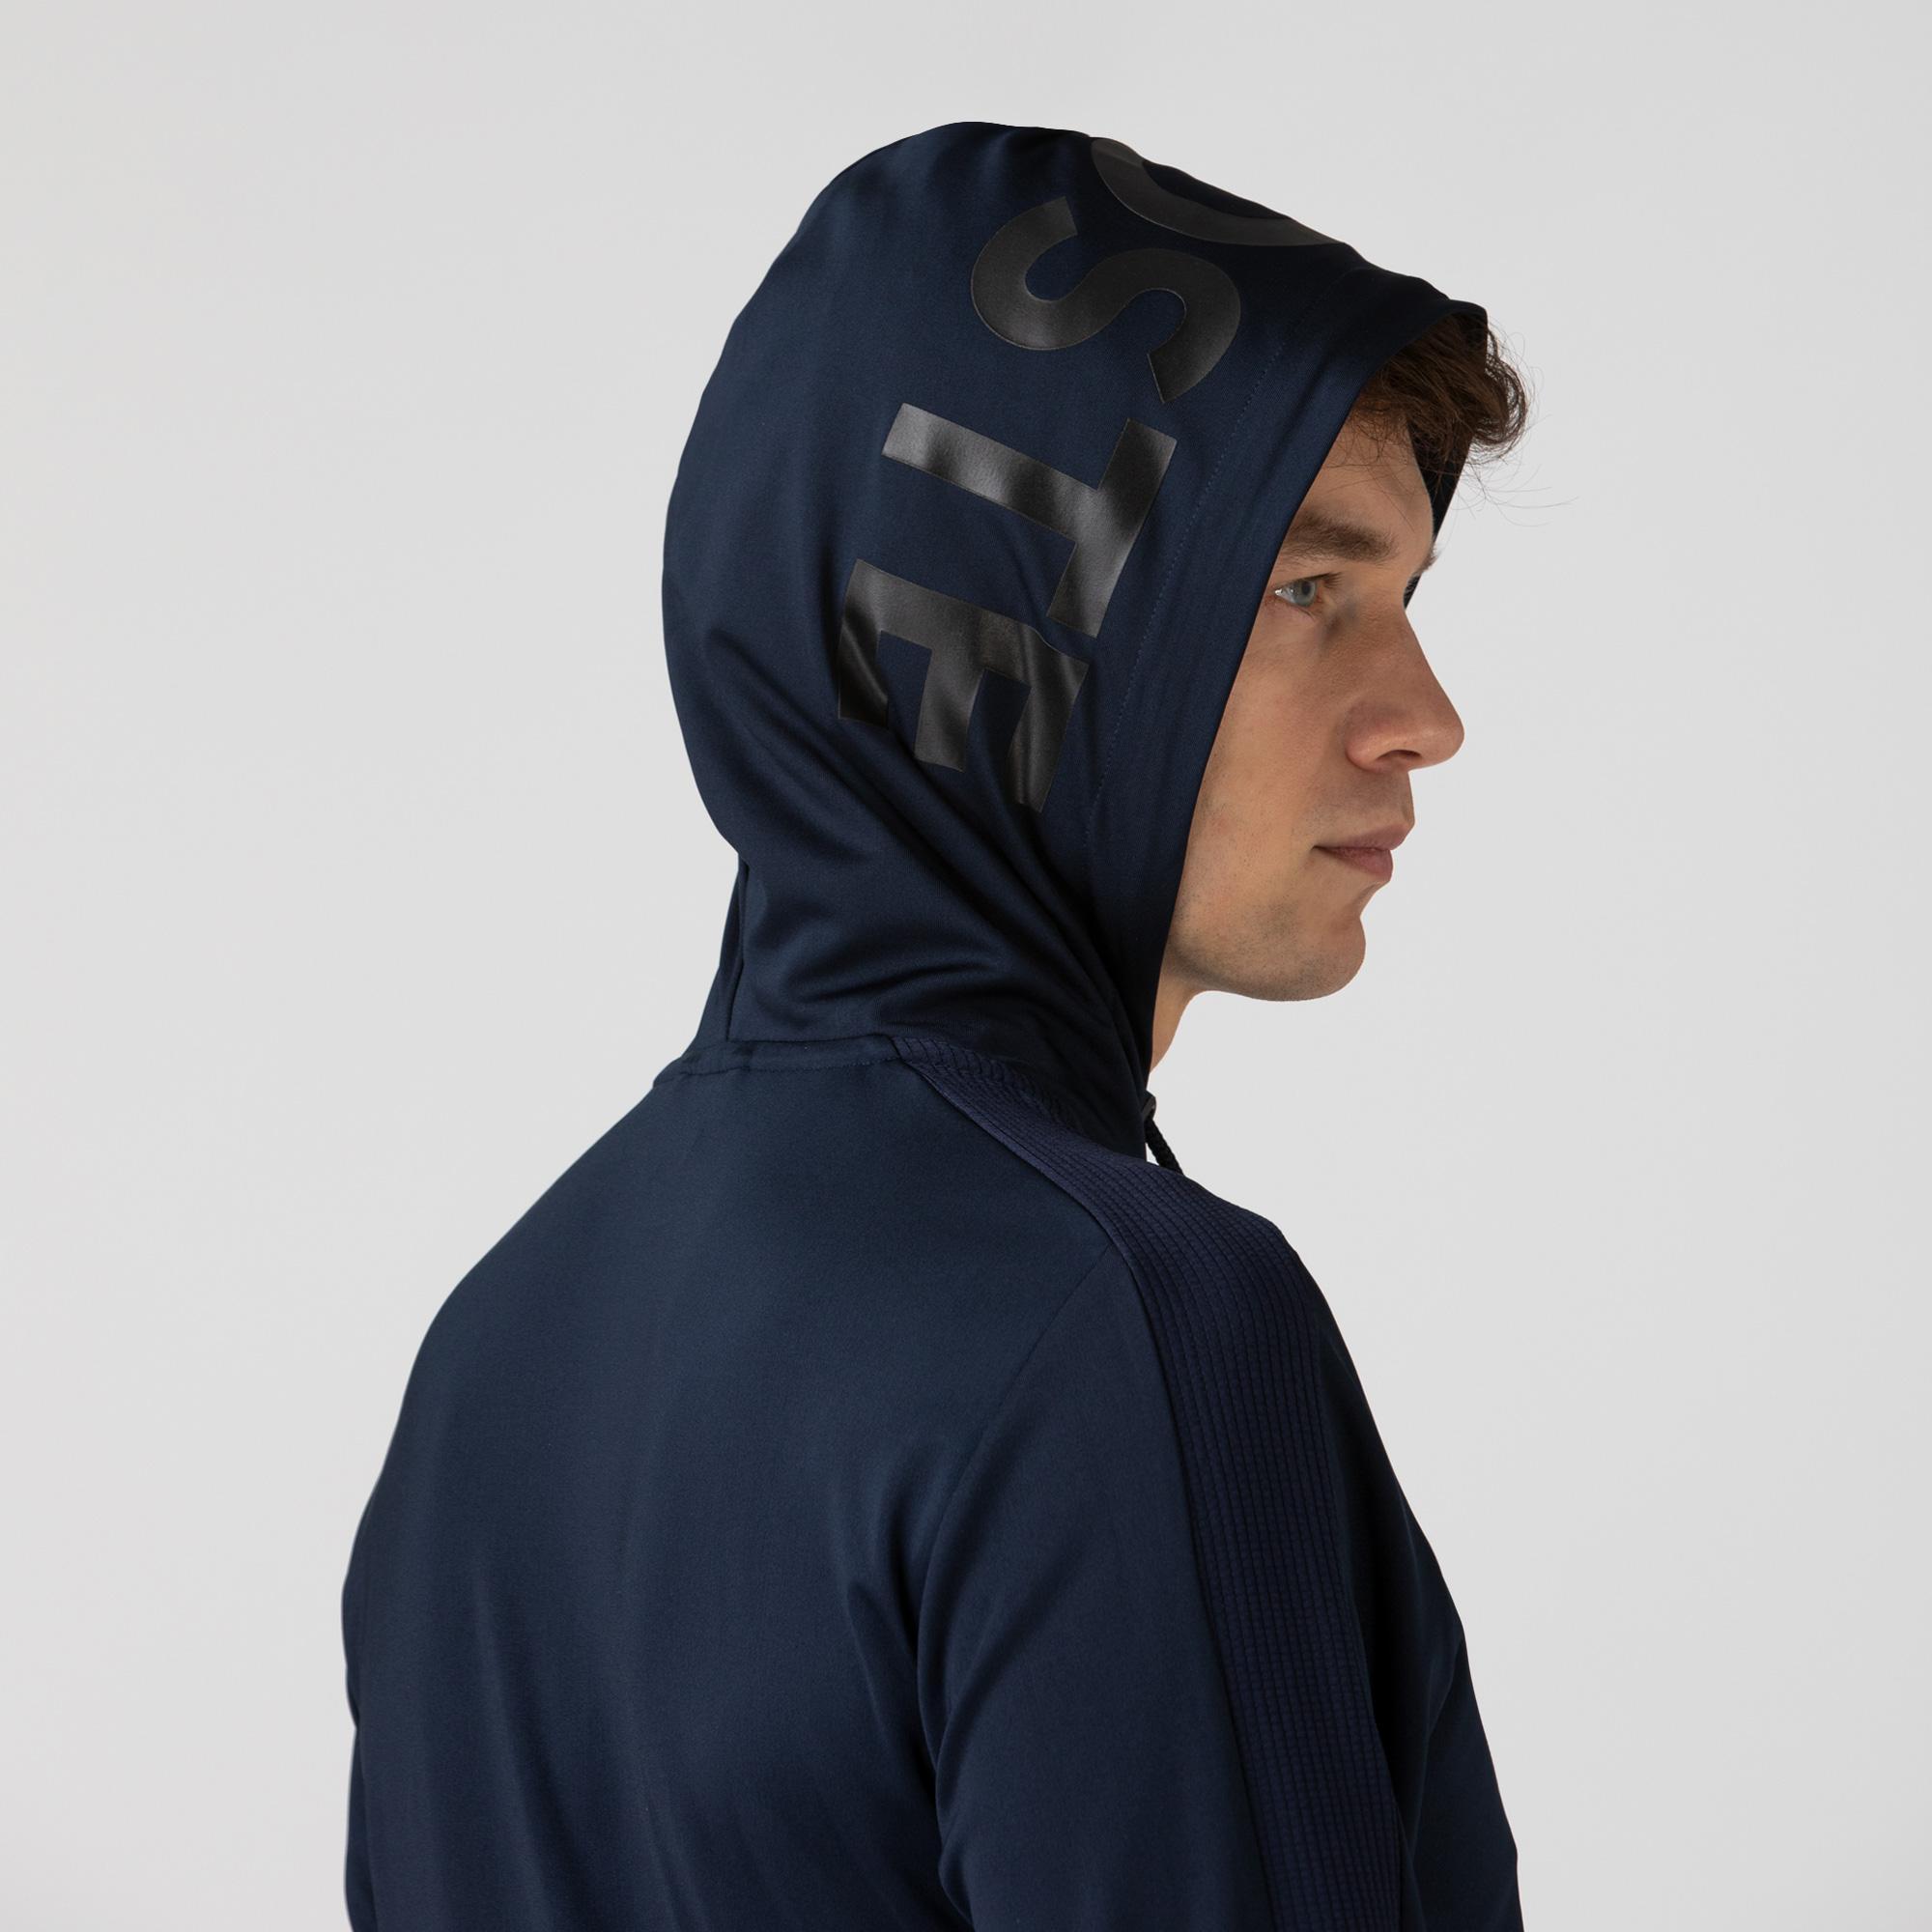 Lacoste Erkek Fermuarlı Kapüşonlu Baskılı Lacivert Sweatshirt